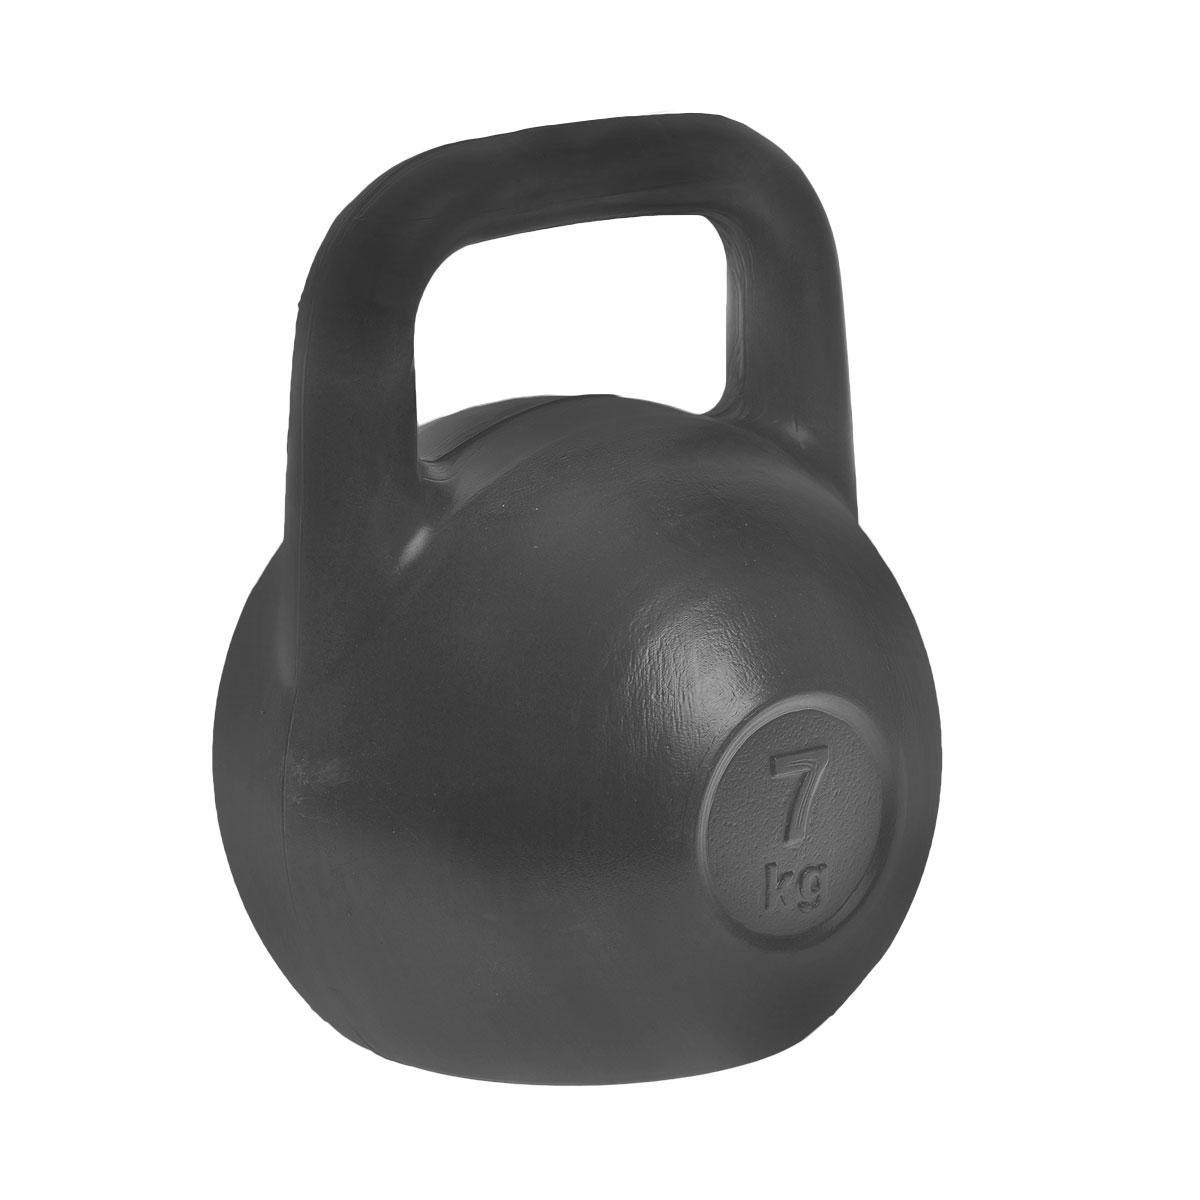 Гиря Евро-Классик, цвет: черный, 7 кгES-0030Гиря Евро-Классик выполнена из прочного пластика с наполнителем из цемента. Эргономичная рукоятка не скользит в руке, обеспечивая надежный хват. Специальная конструкция гири значительно уменьшает риск получения спортсменом травмы. Гири - это самое простое и самое гениальное спортивное оборудование для развития мышечной массы. Правильно поставленные тренировки с ними позволяют не только нарастить мышечную массу, но и развить повышенную выносливость, укрепляют сердечнососудистую систему и костно-мышечный аппарат. Вес гири: 7 кг.